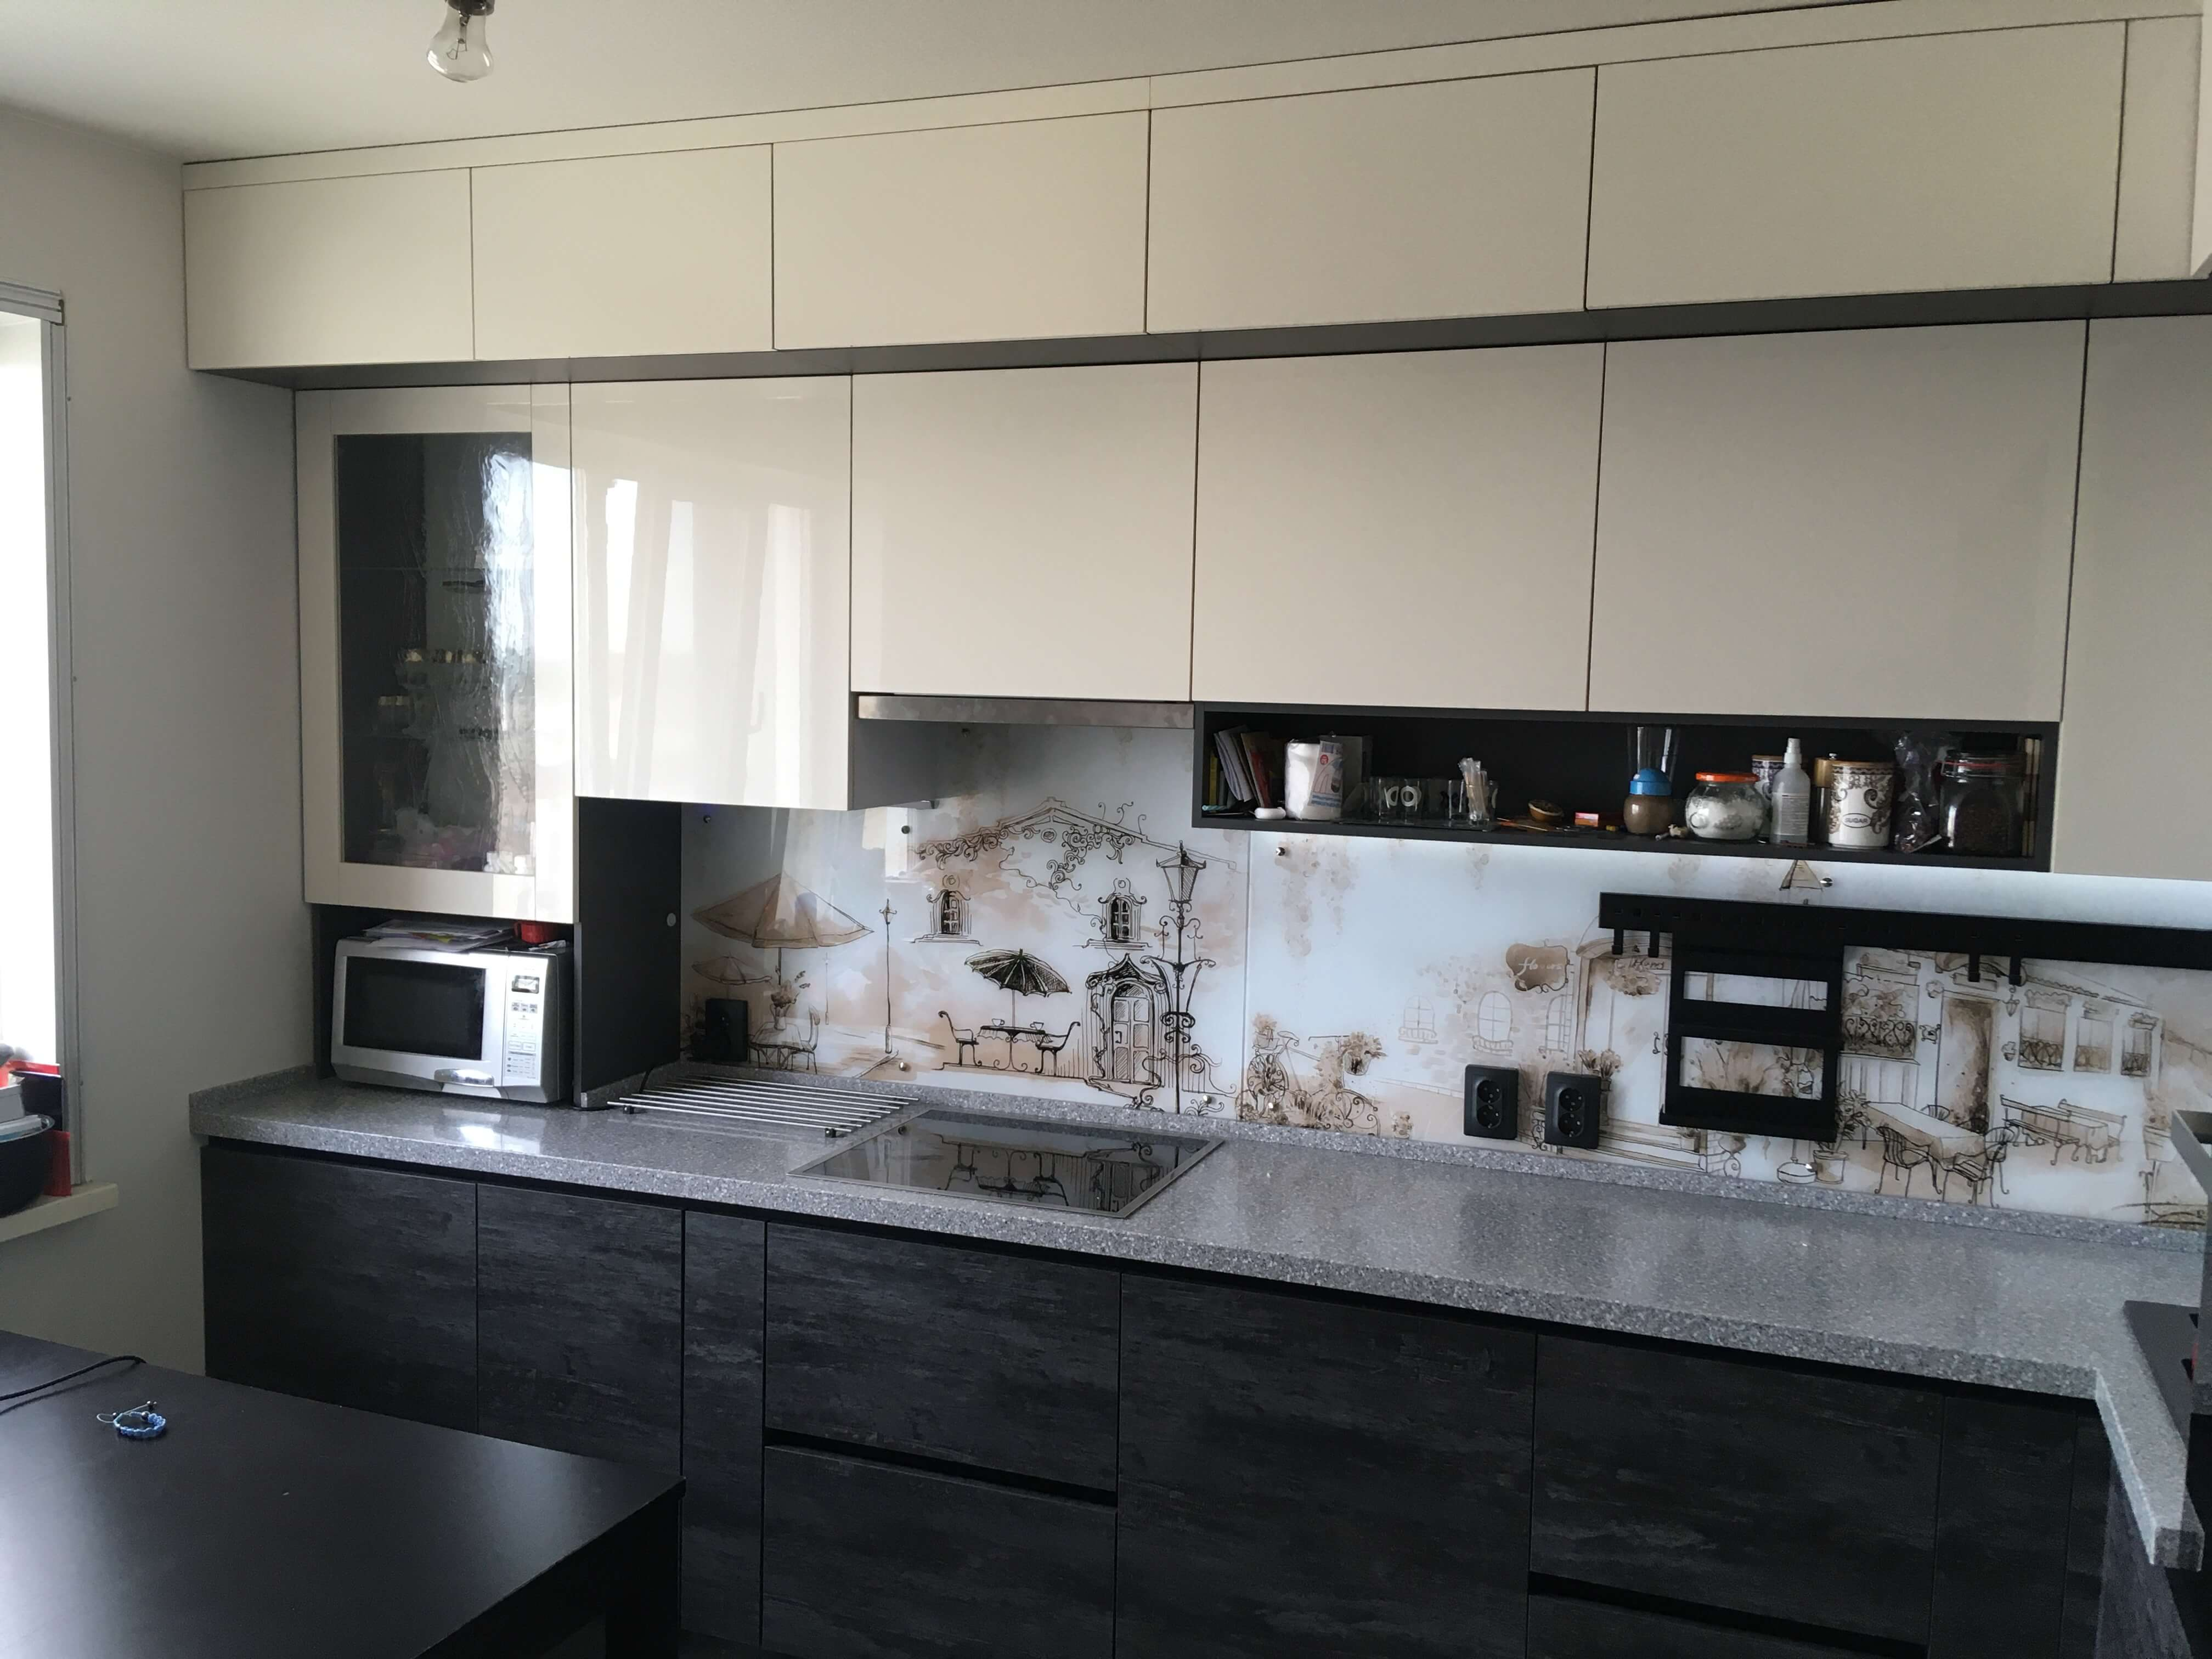 Третье фото Современная кремовая кухня под потолок